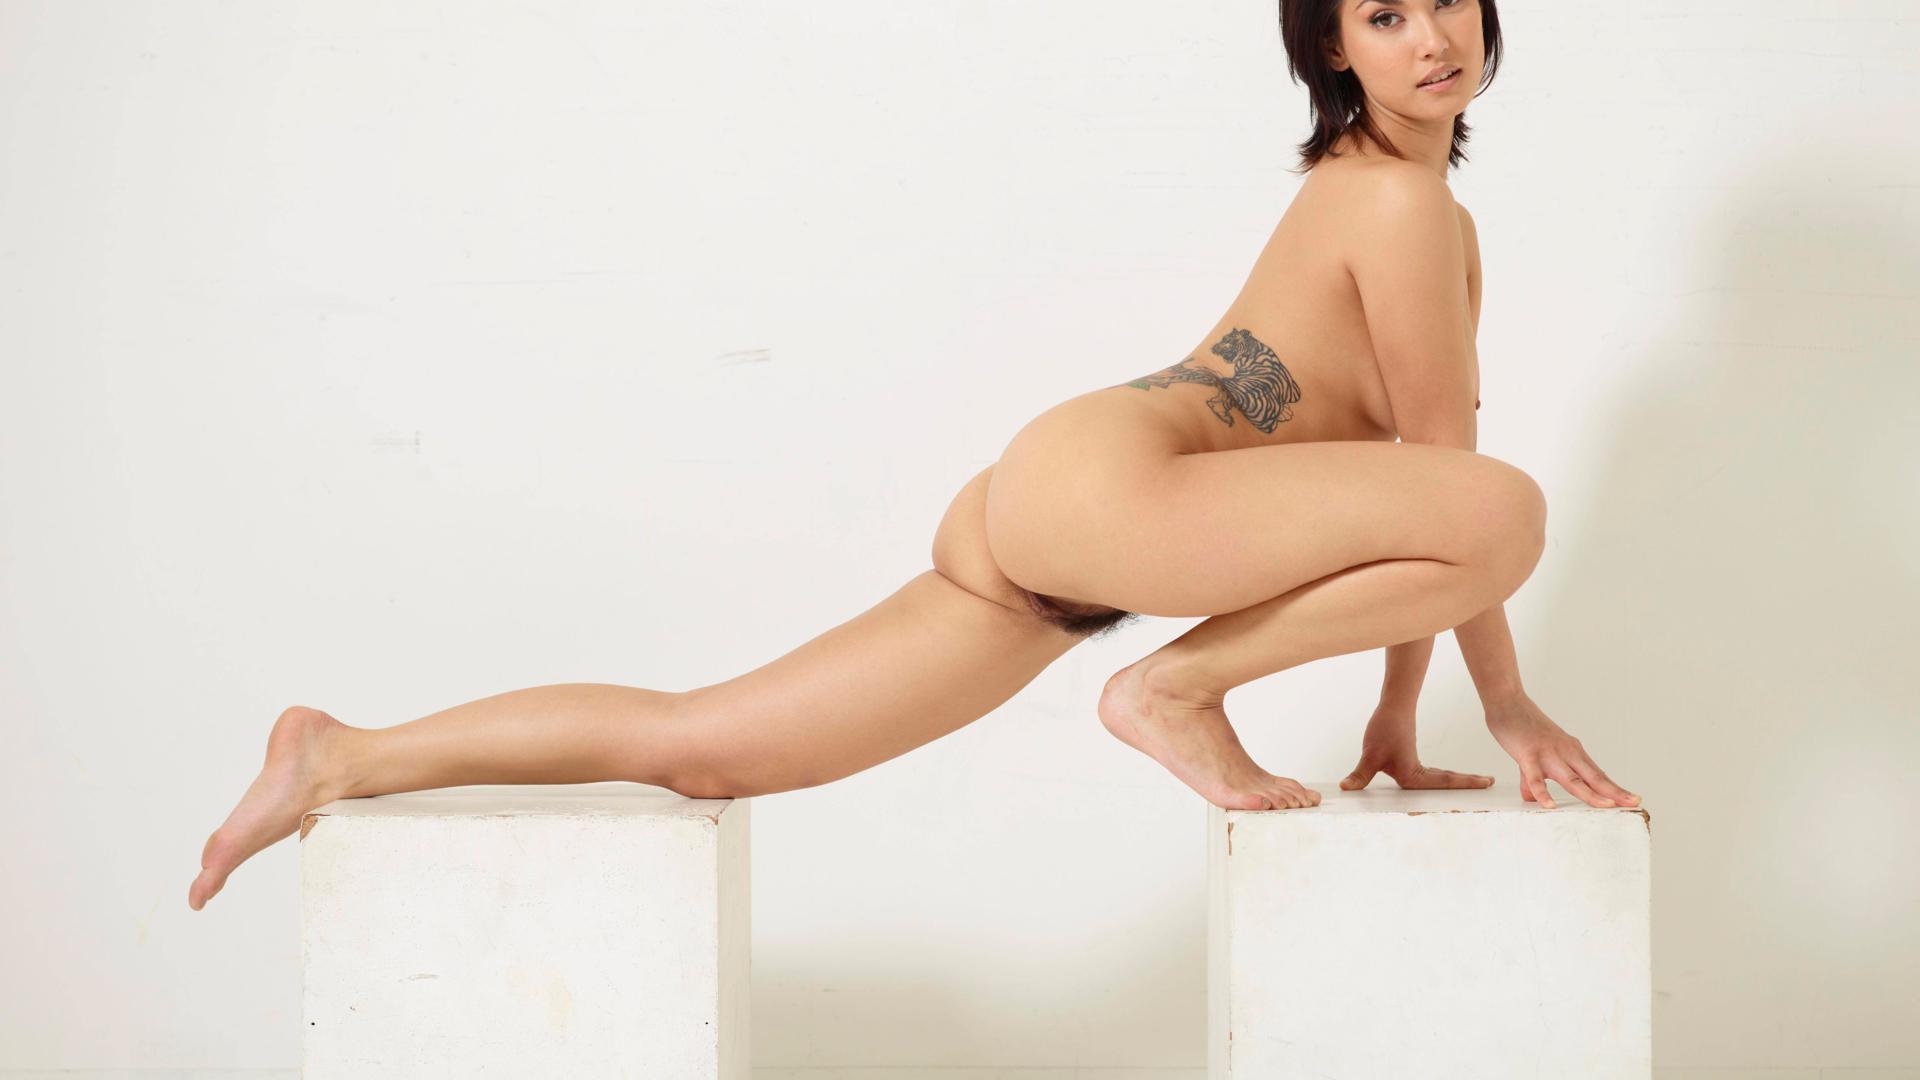 мария озава hd порно